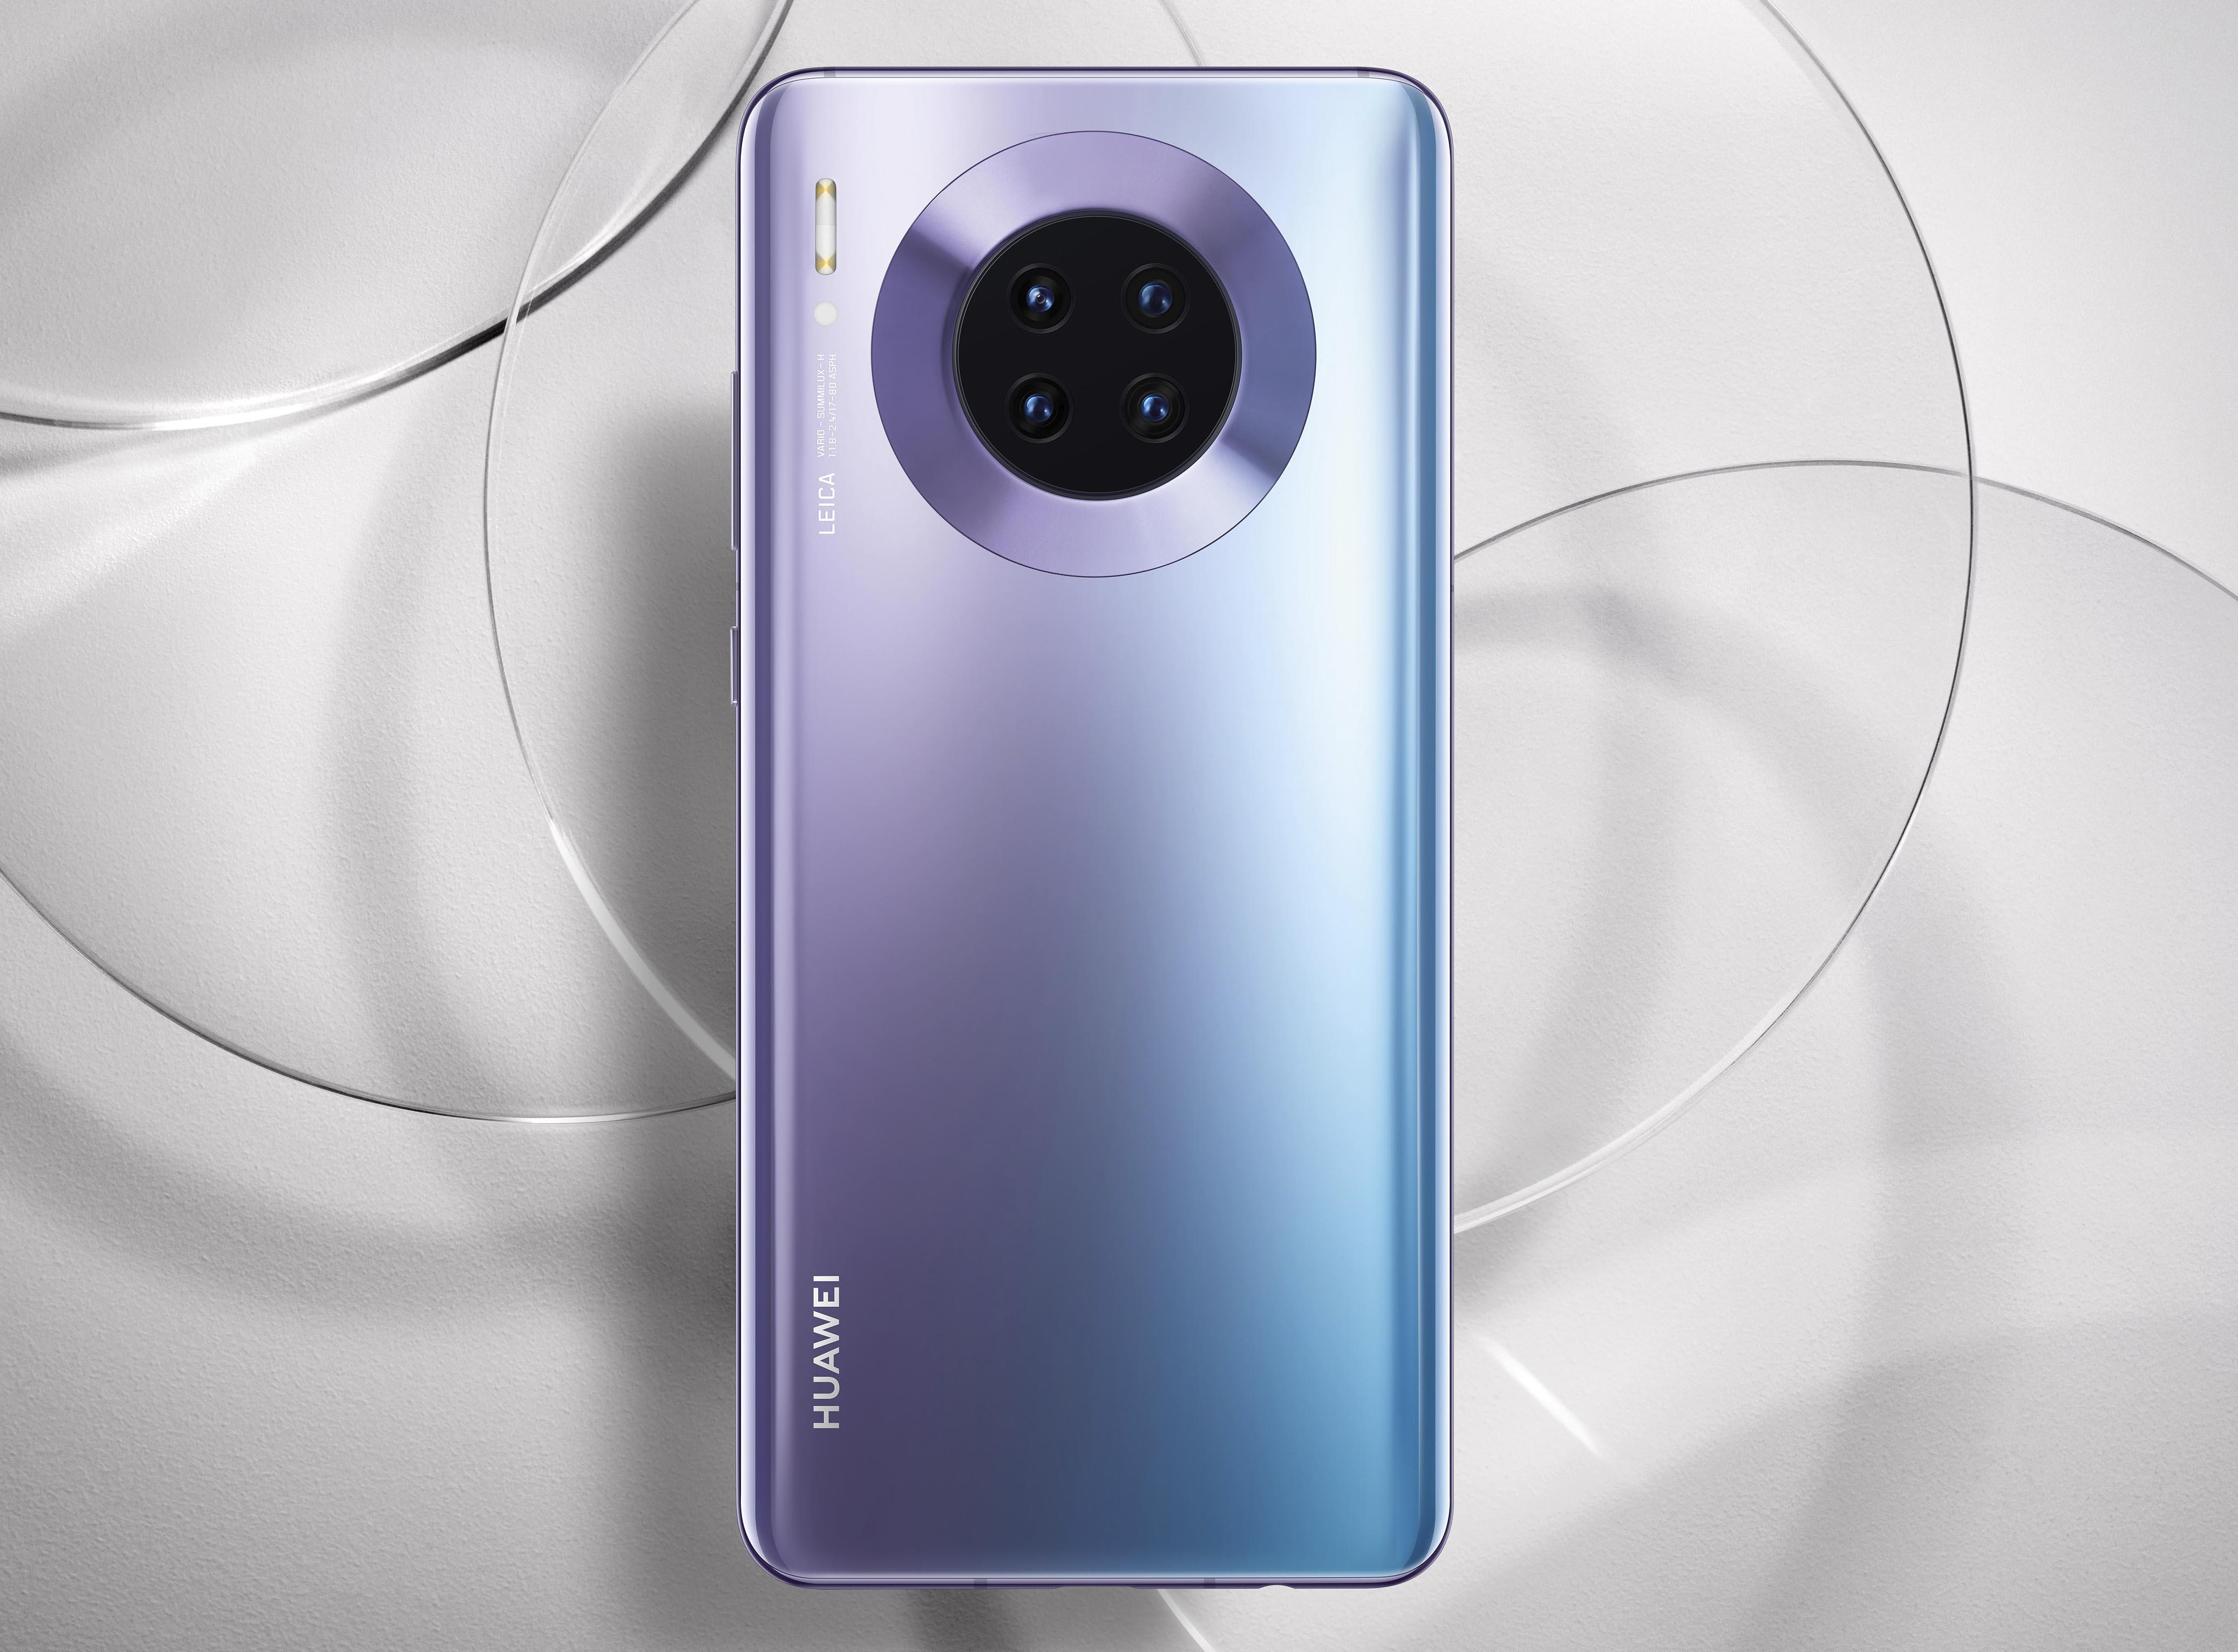 El smartphone con el que harás las mejores fotos es el Huawei Mate 30 Pro